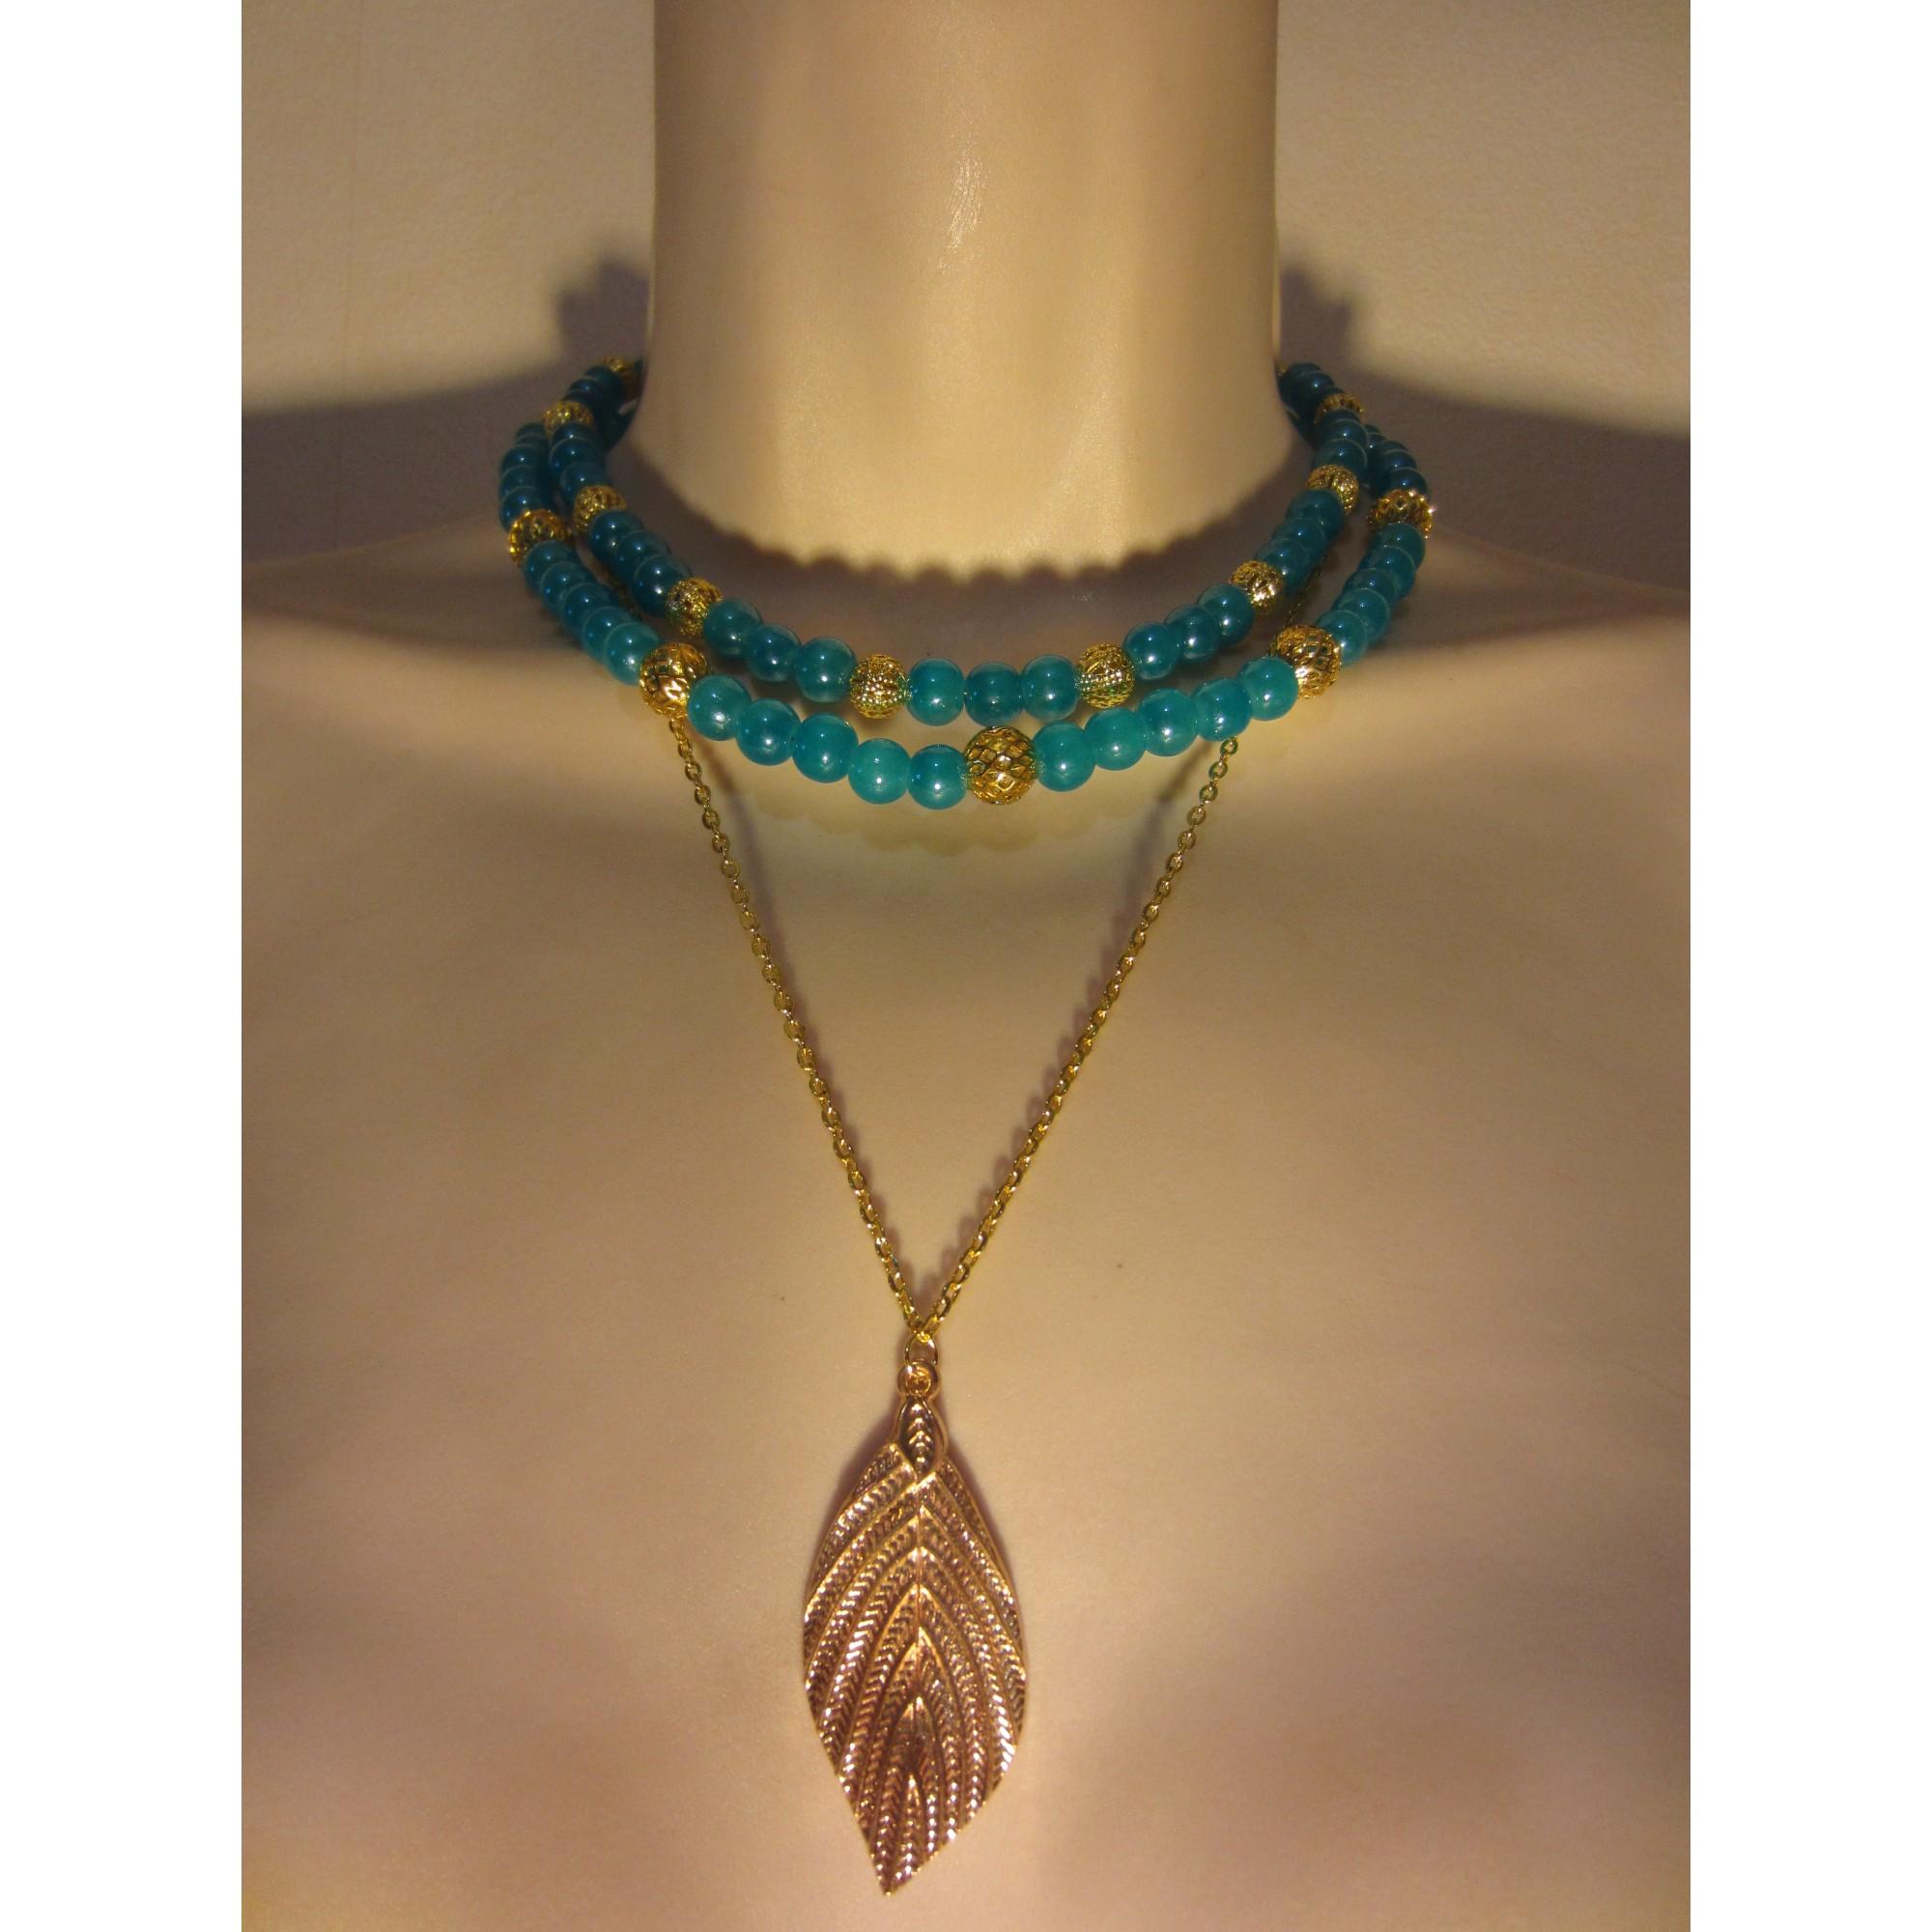 Pendentif, collier pendentif LE SERPENT ROUGE verre bleu